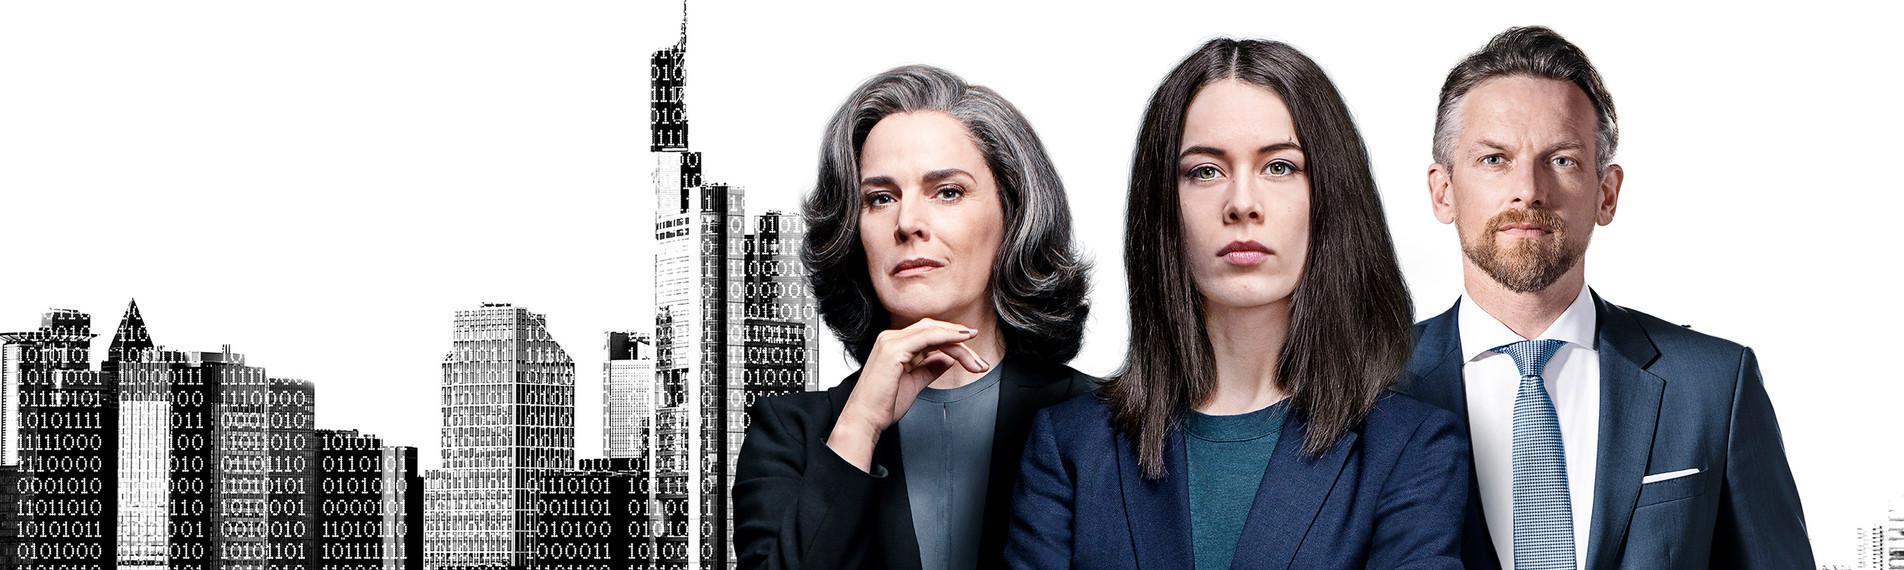 BAD BANKS – DIFFUSION DE LA SAISON 2 SUR ARTE, ZDF ET RTL